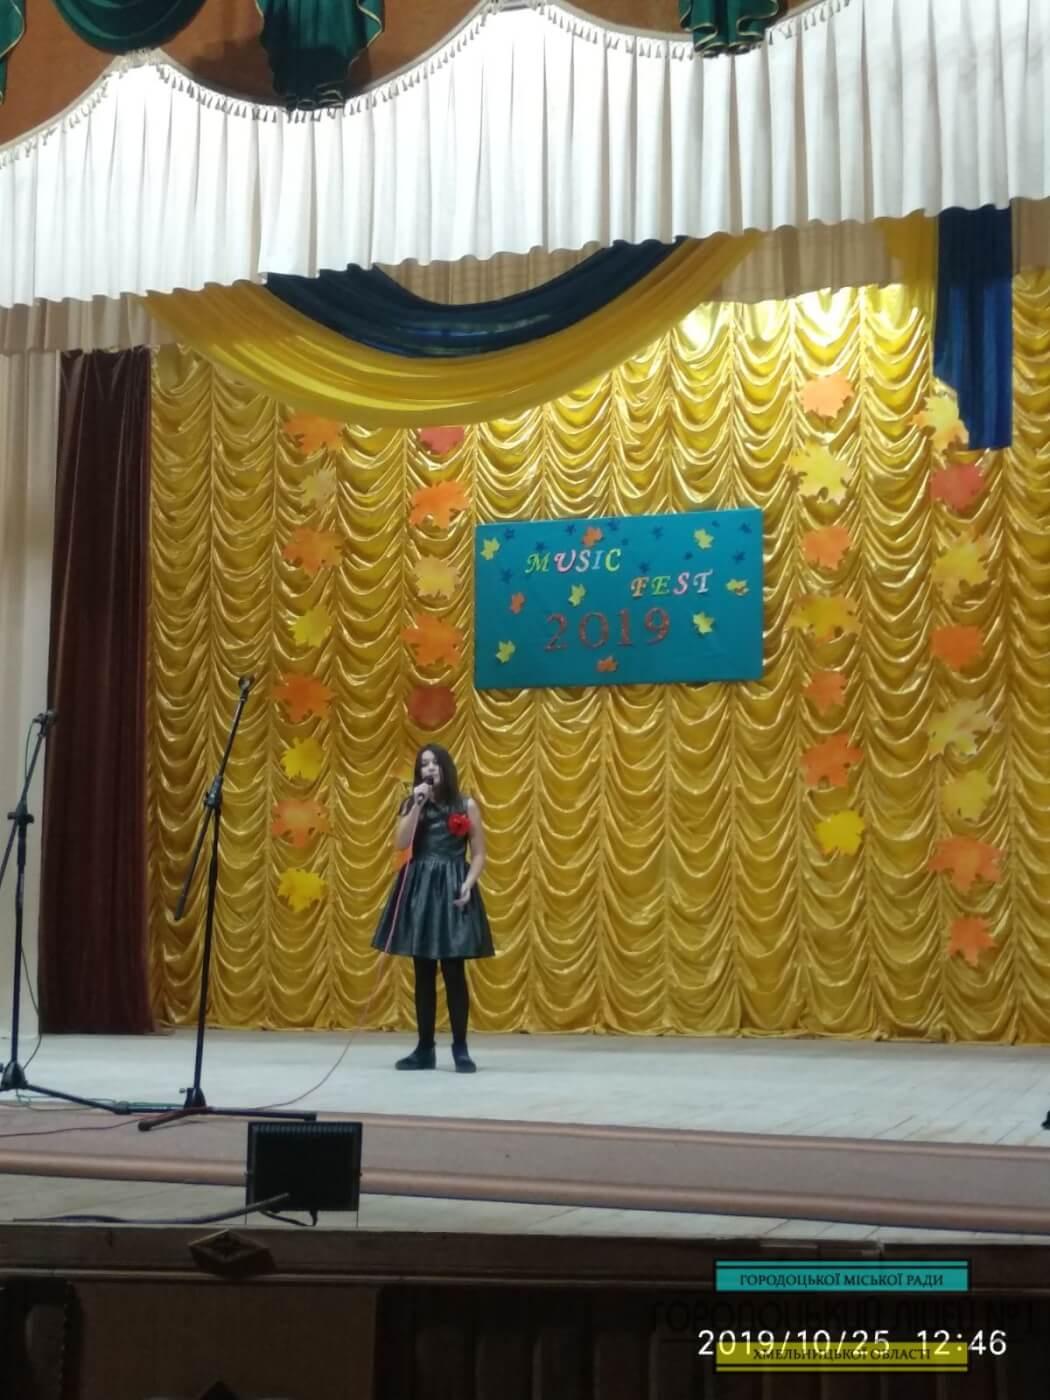 zobrazhennya viber 2019 10 31 14 30 18 - Music Fest «Городоцька осінь 2019»